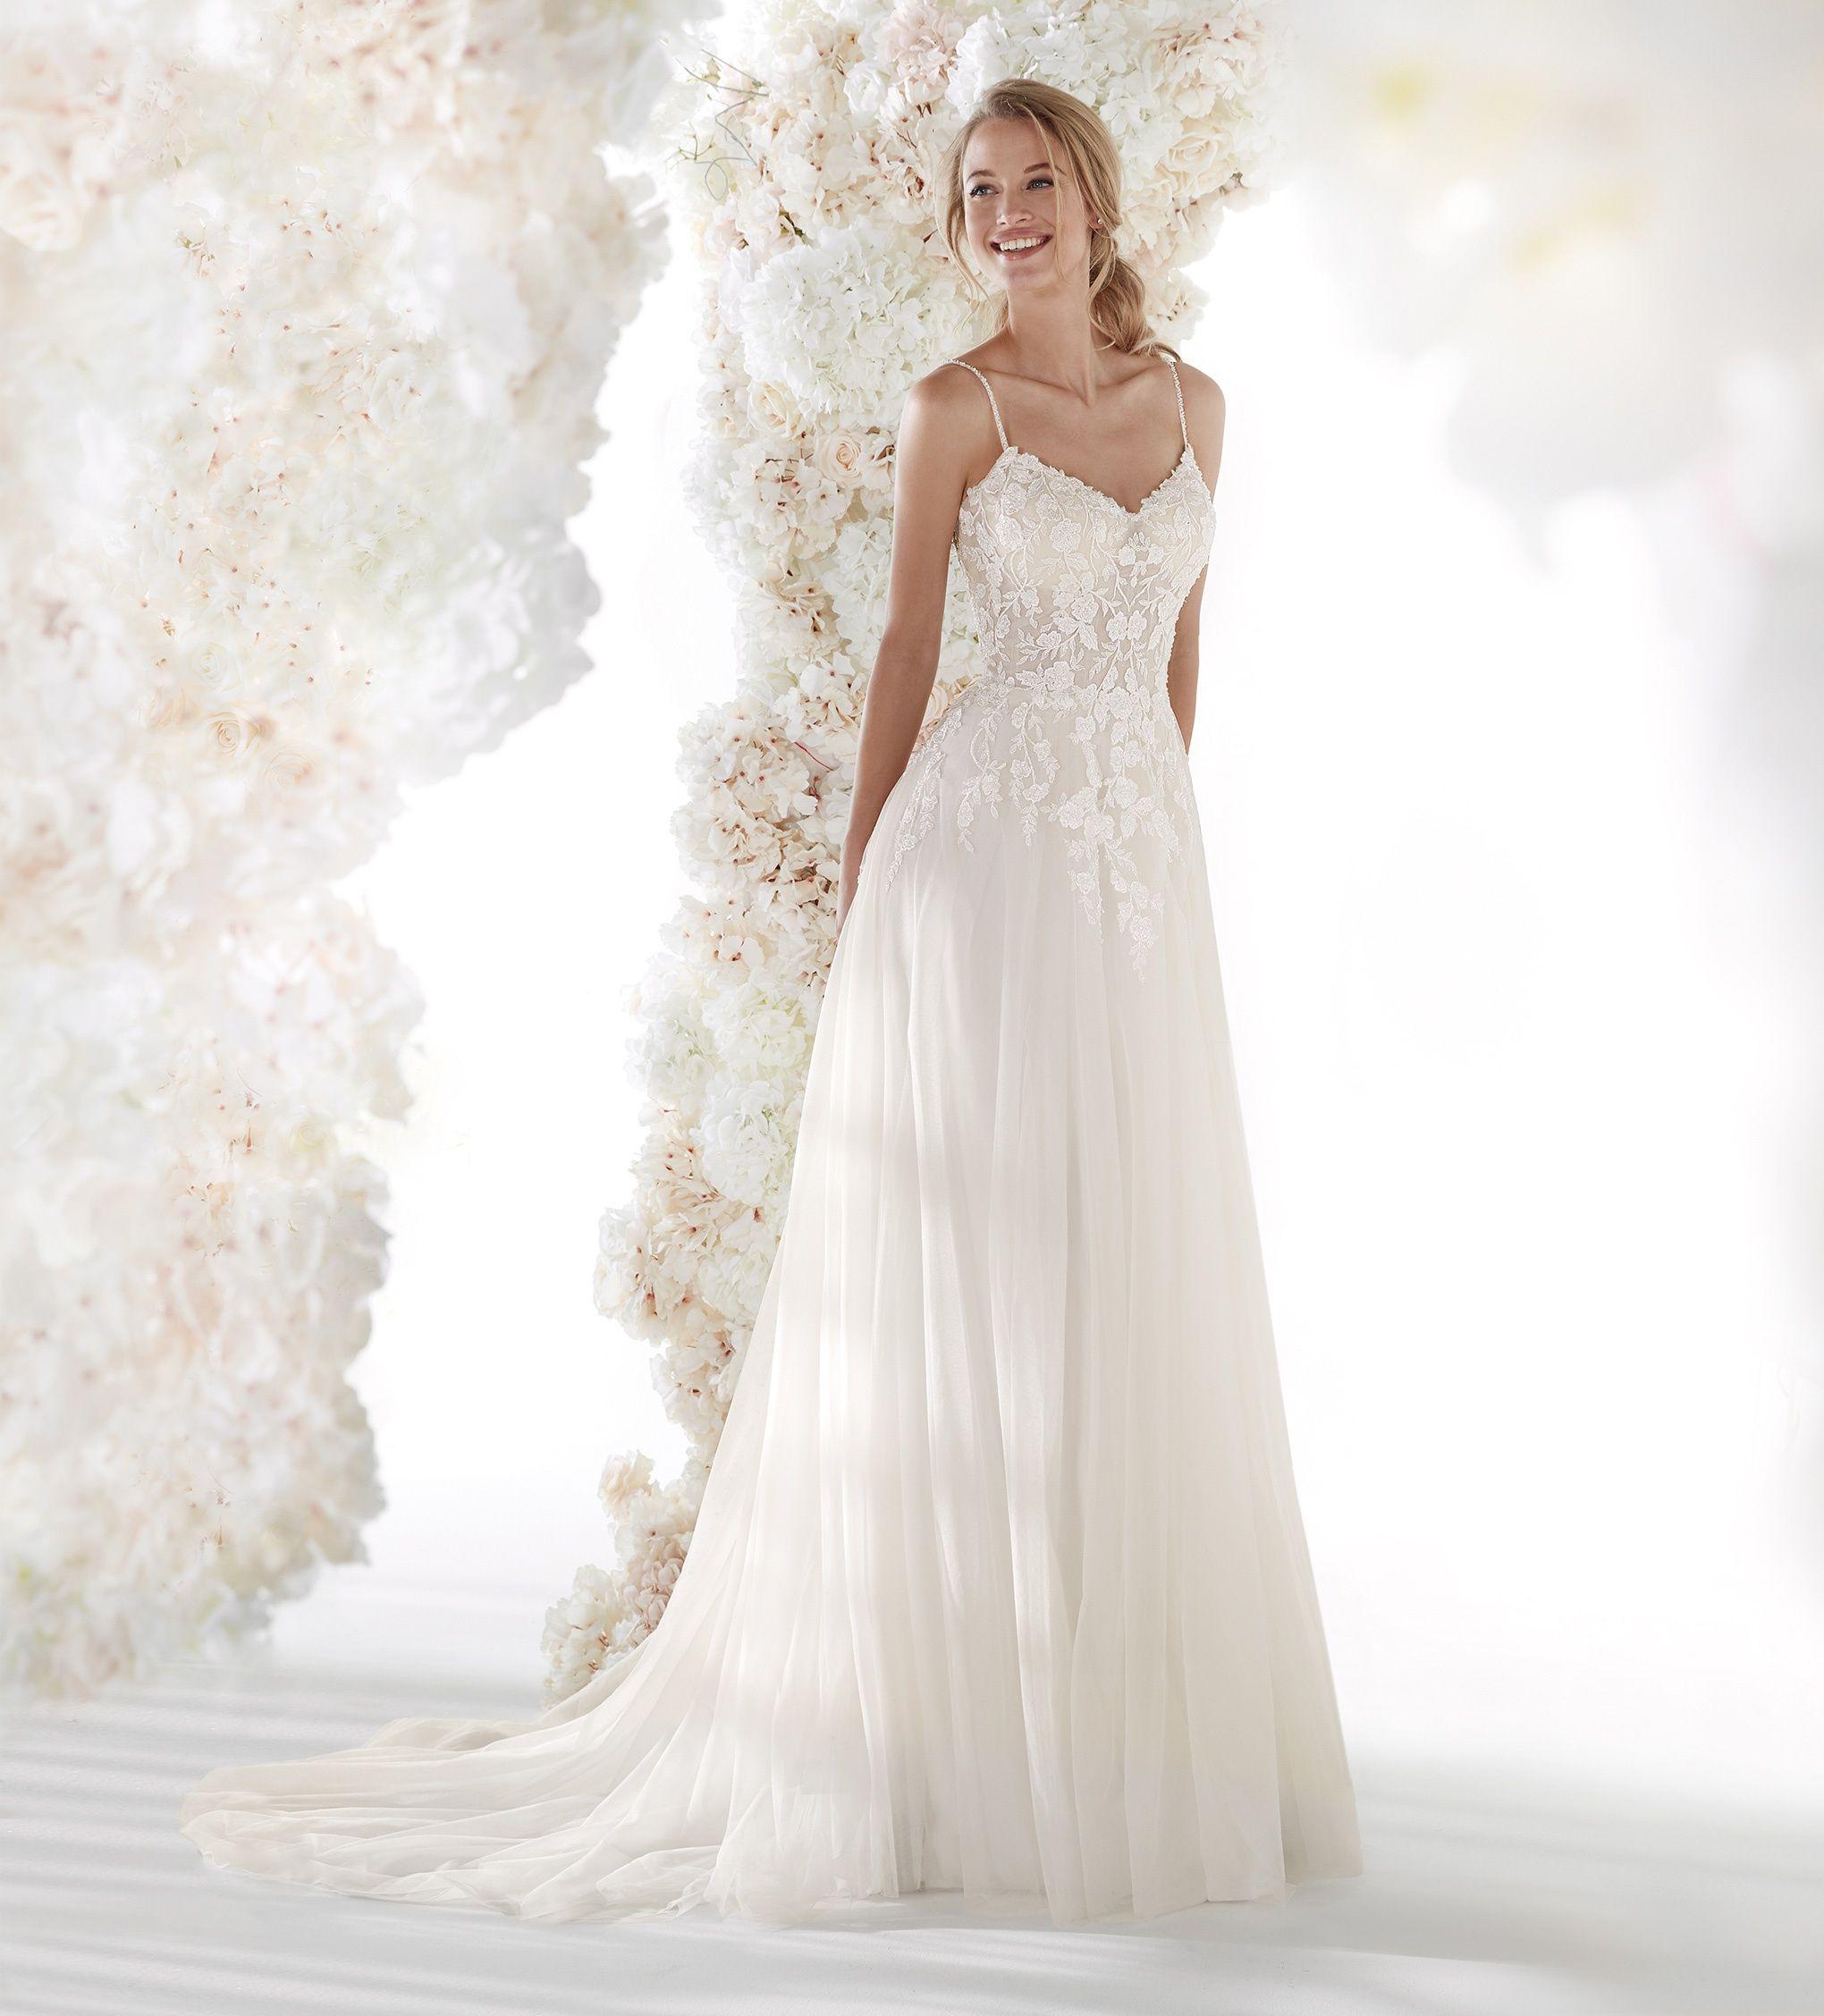 Vestiti Da Sposa Wedding.Moda Sposa 2020 Collezione Colet Coa20171 Abito Da Sposa